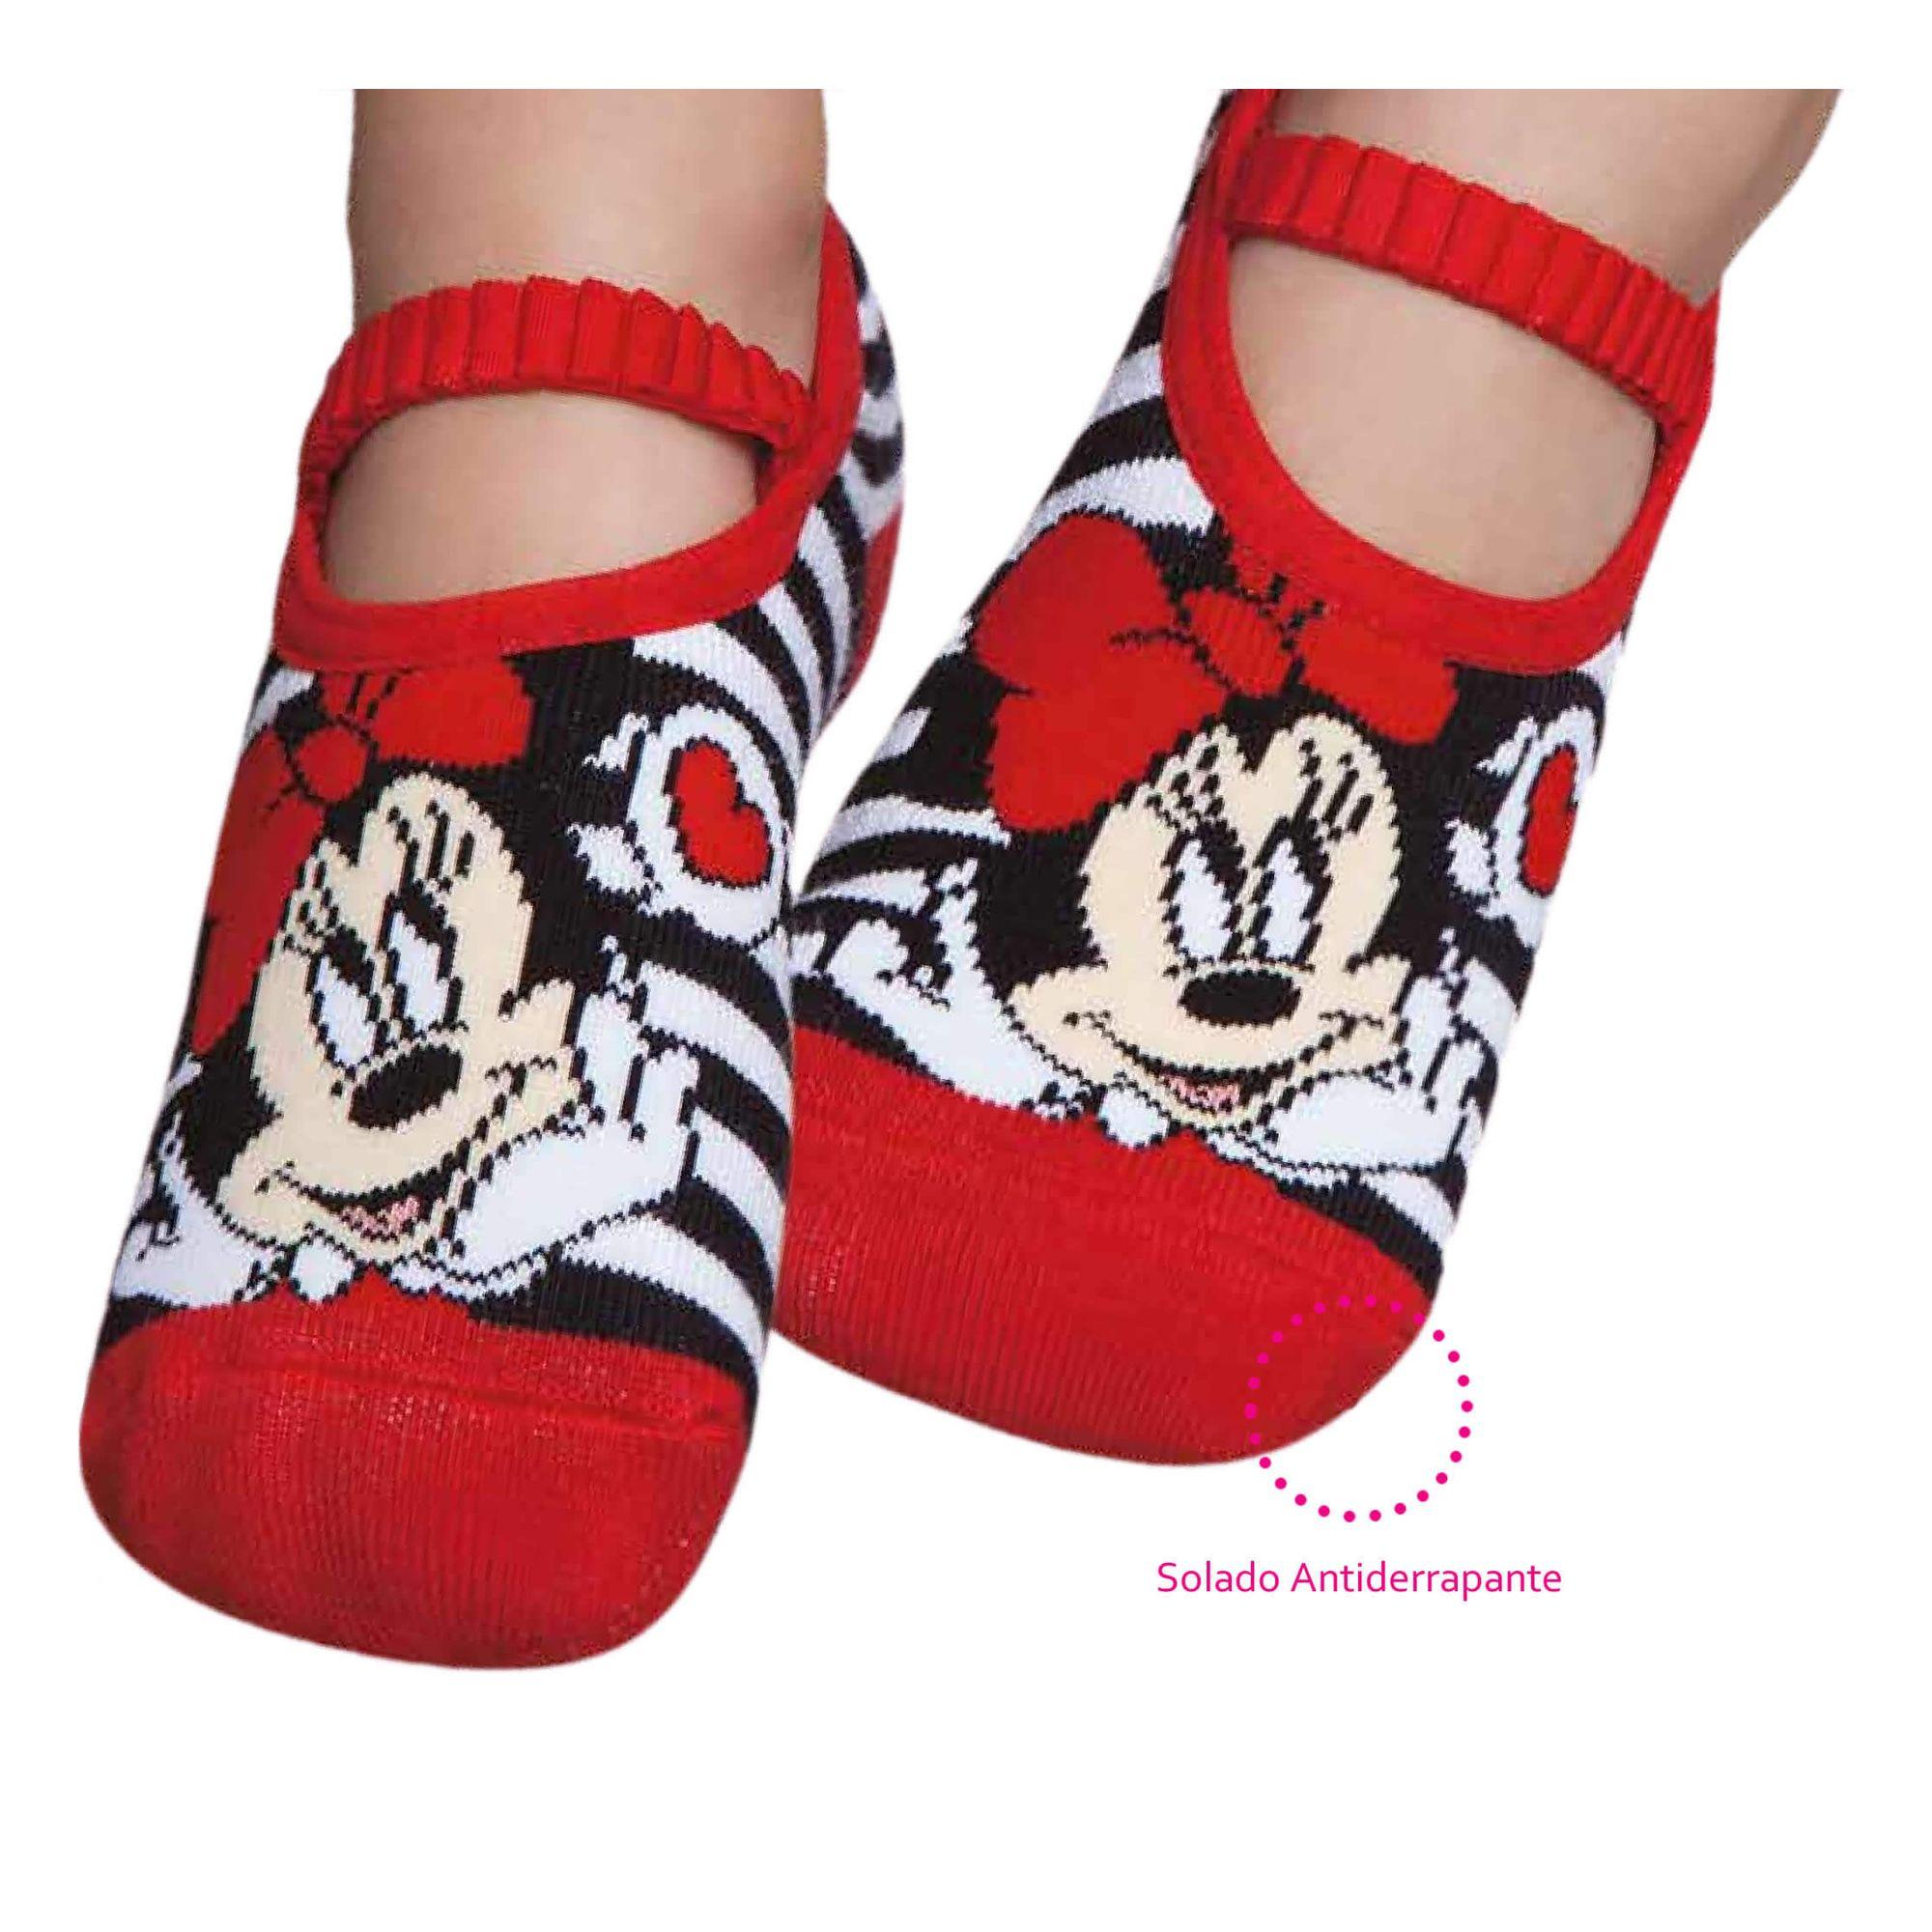 meia-infantil-minnie-mouse-disney-sapatilha-puket